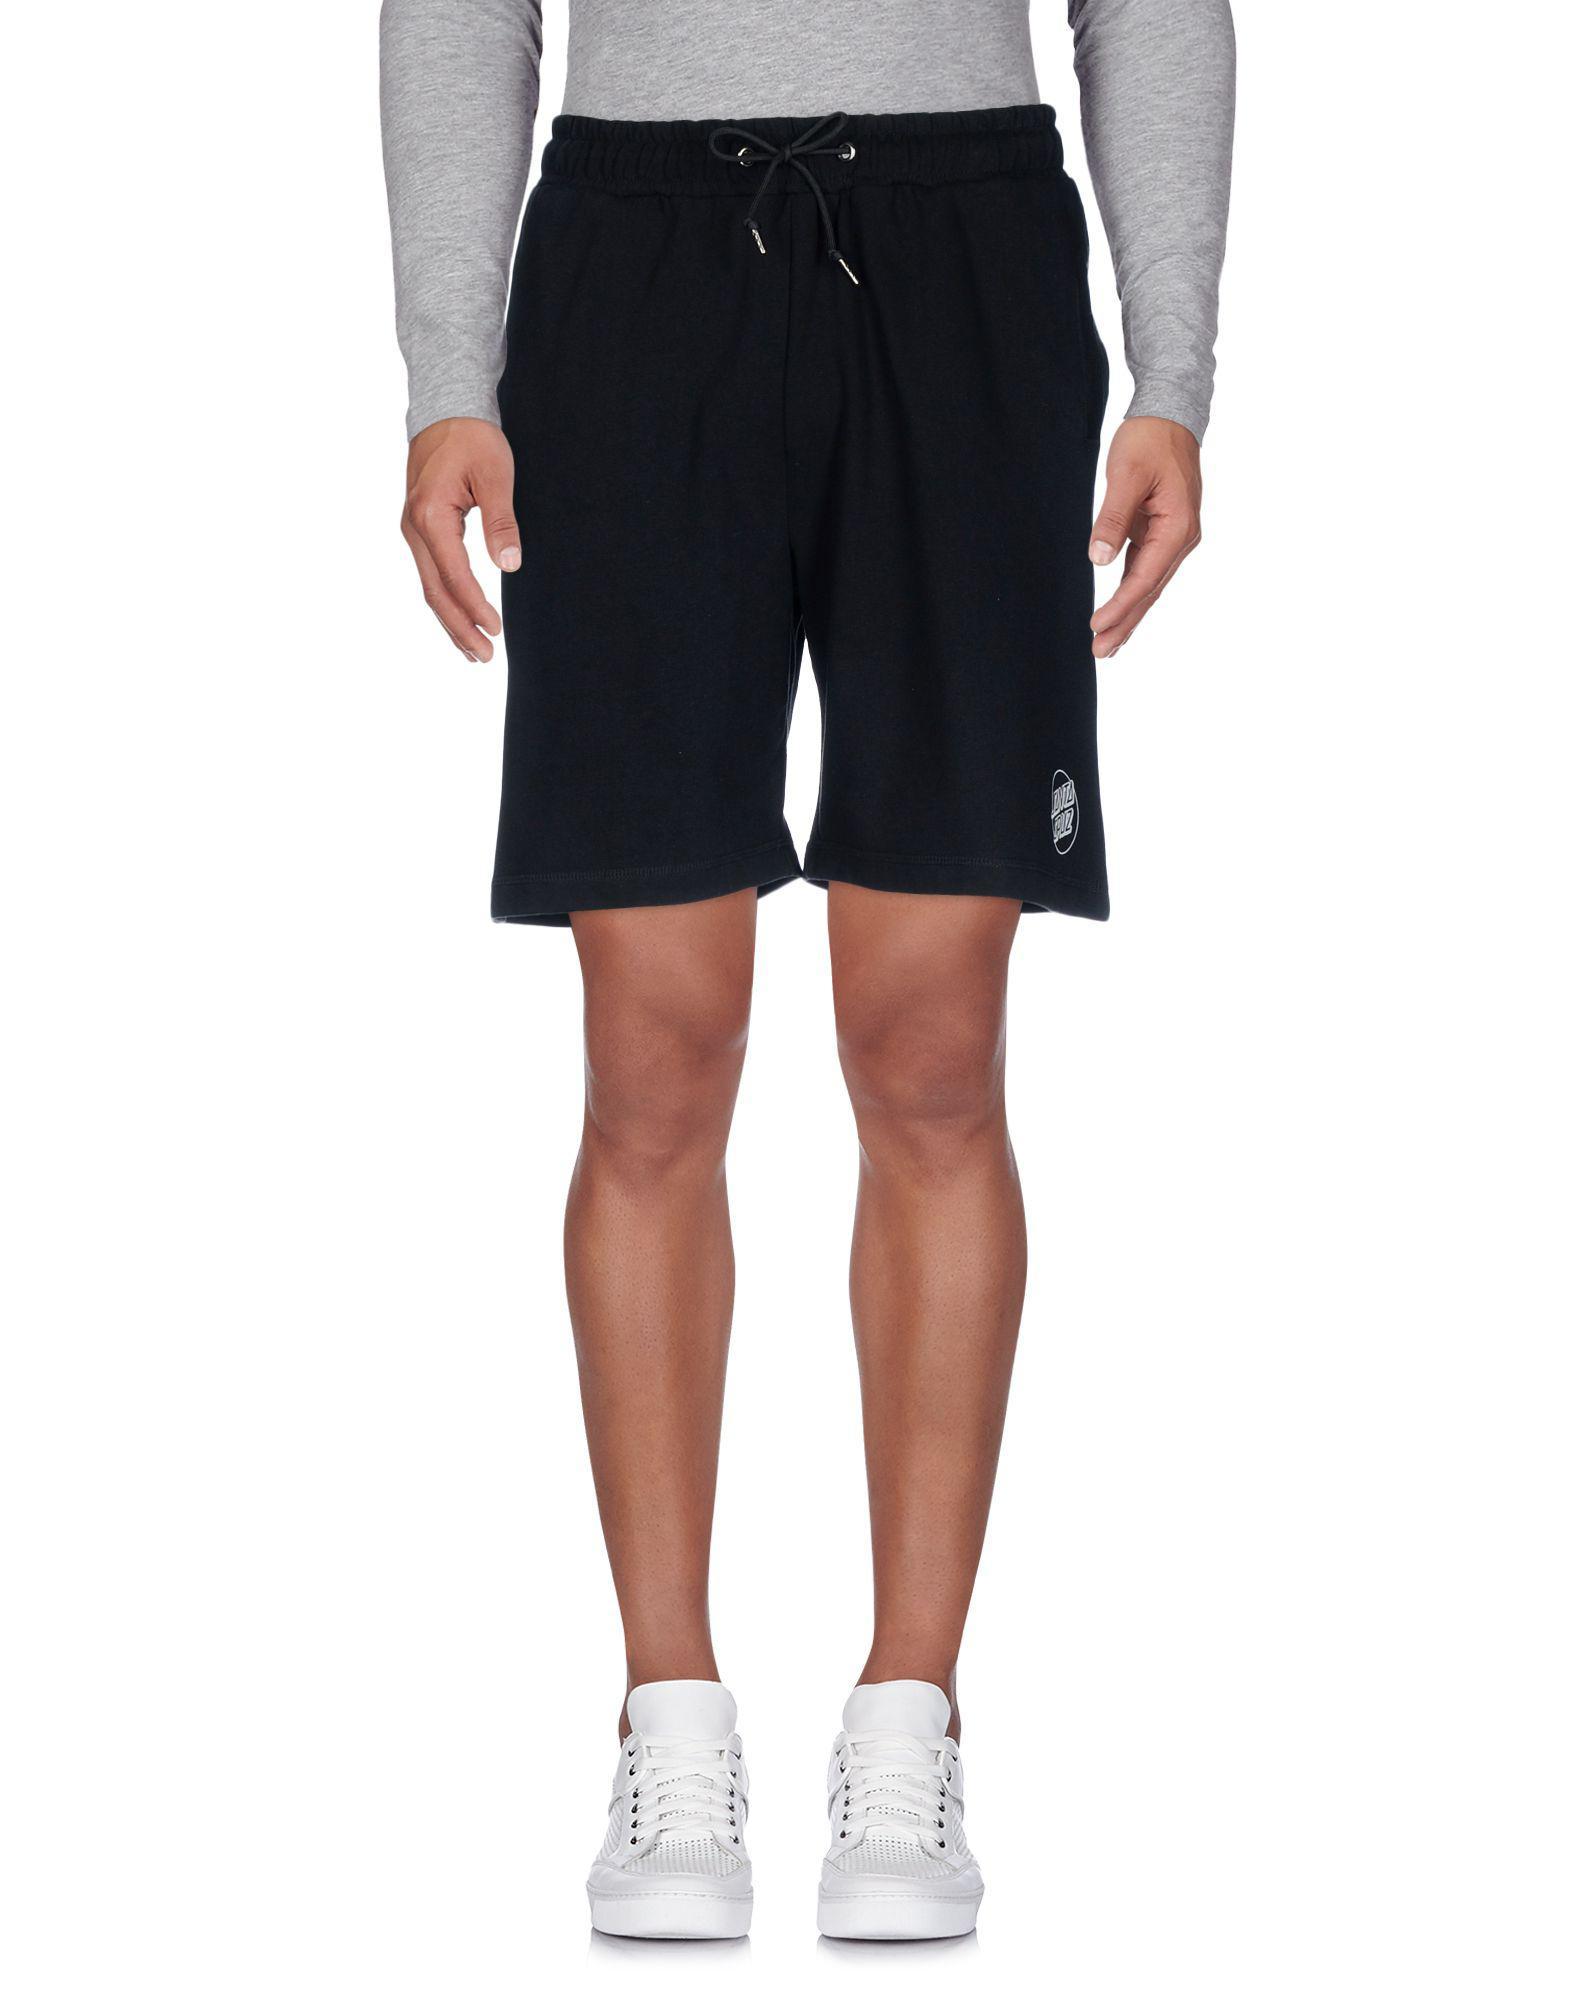 TROUSERS - Bermuda shorts Santa Cruz qYTwk